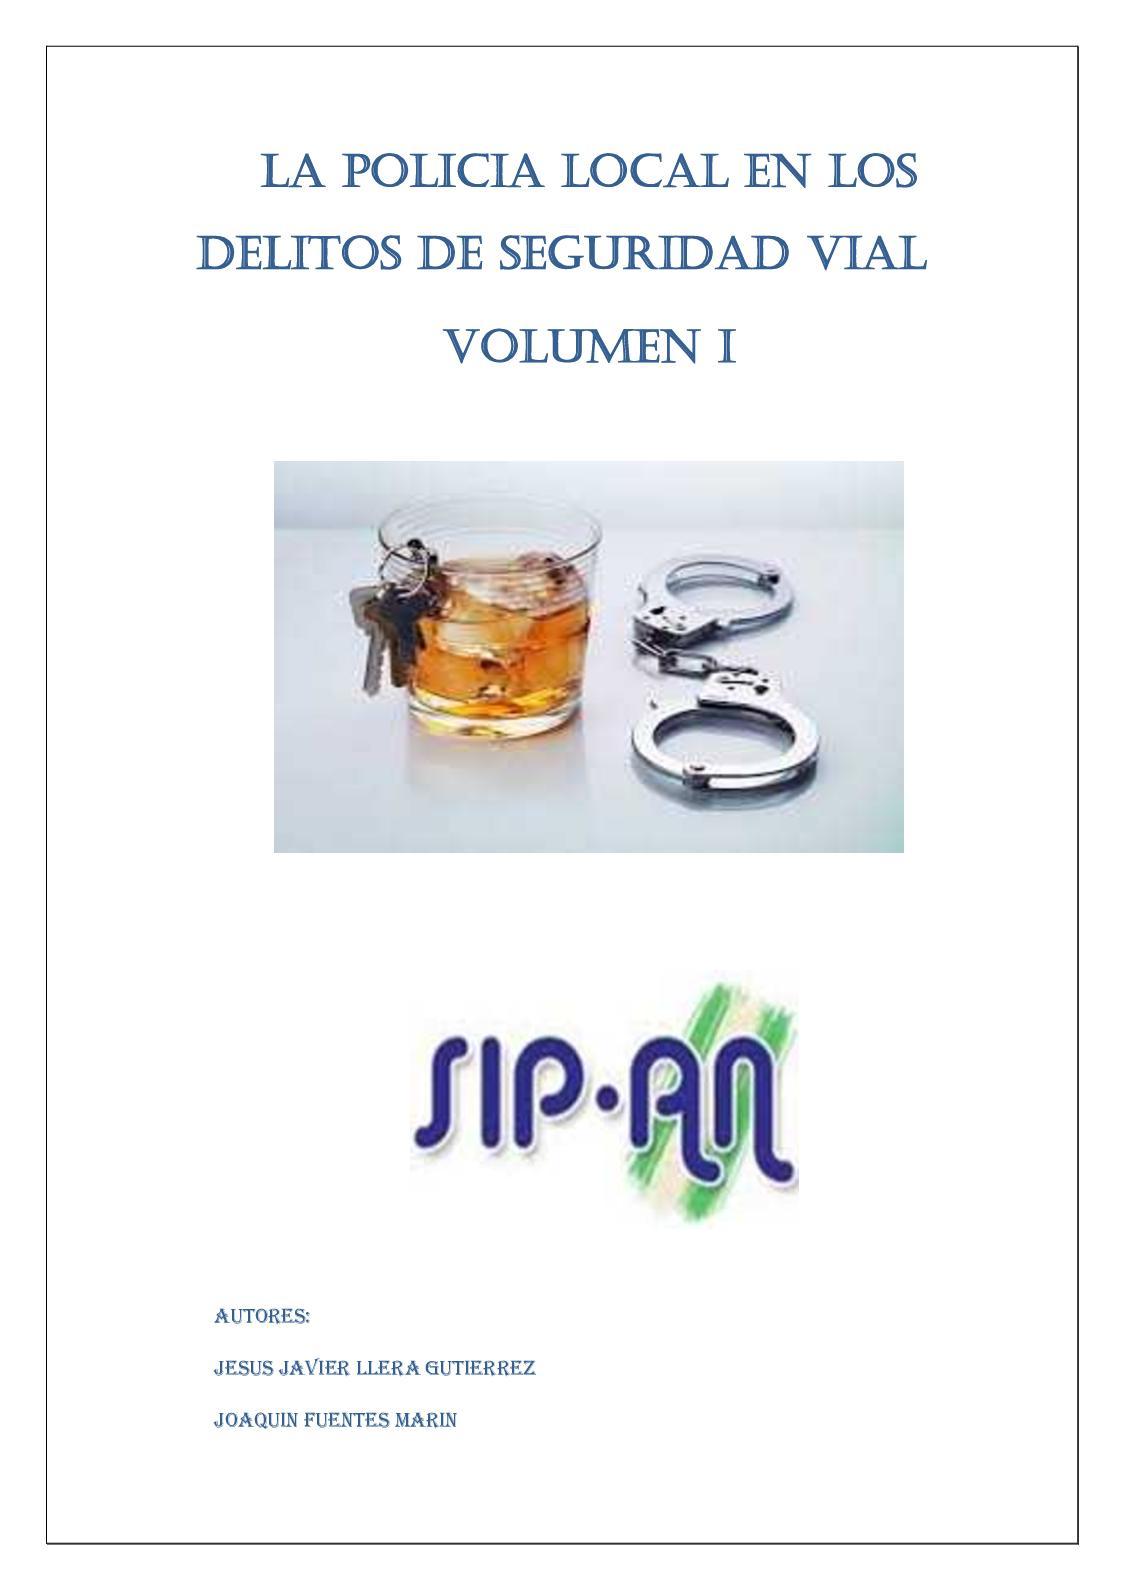 320 La Policia Local Y Los Delitos Contra La Seguridad Vial I